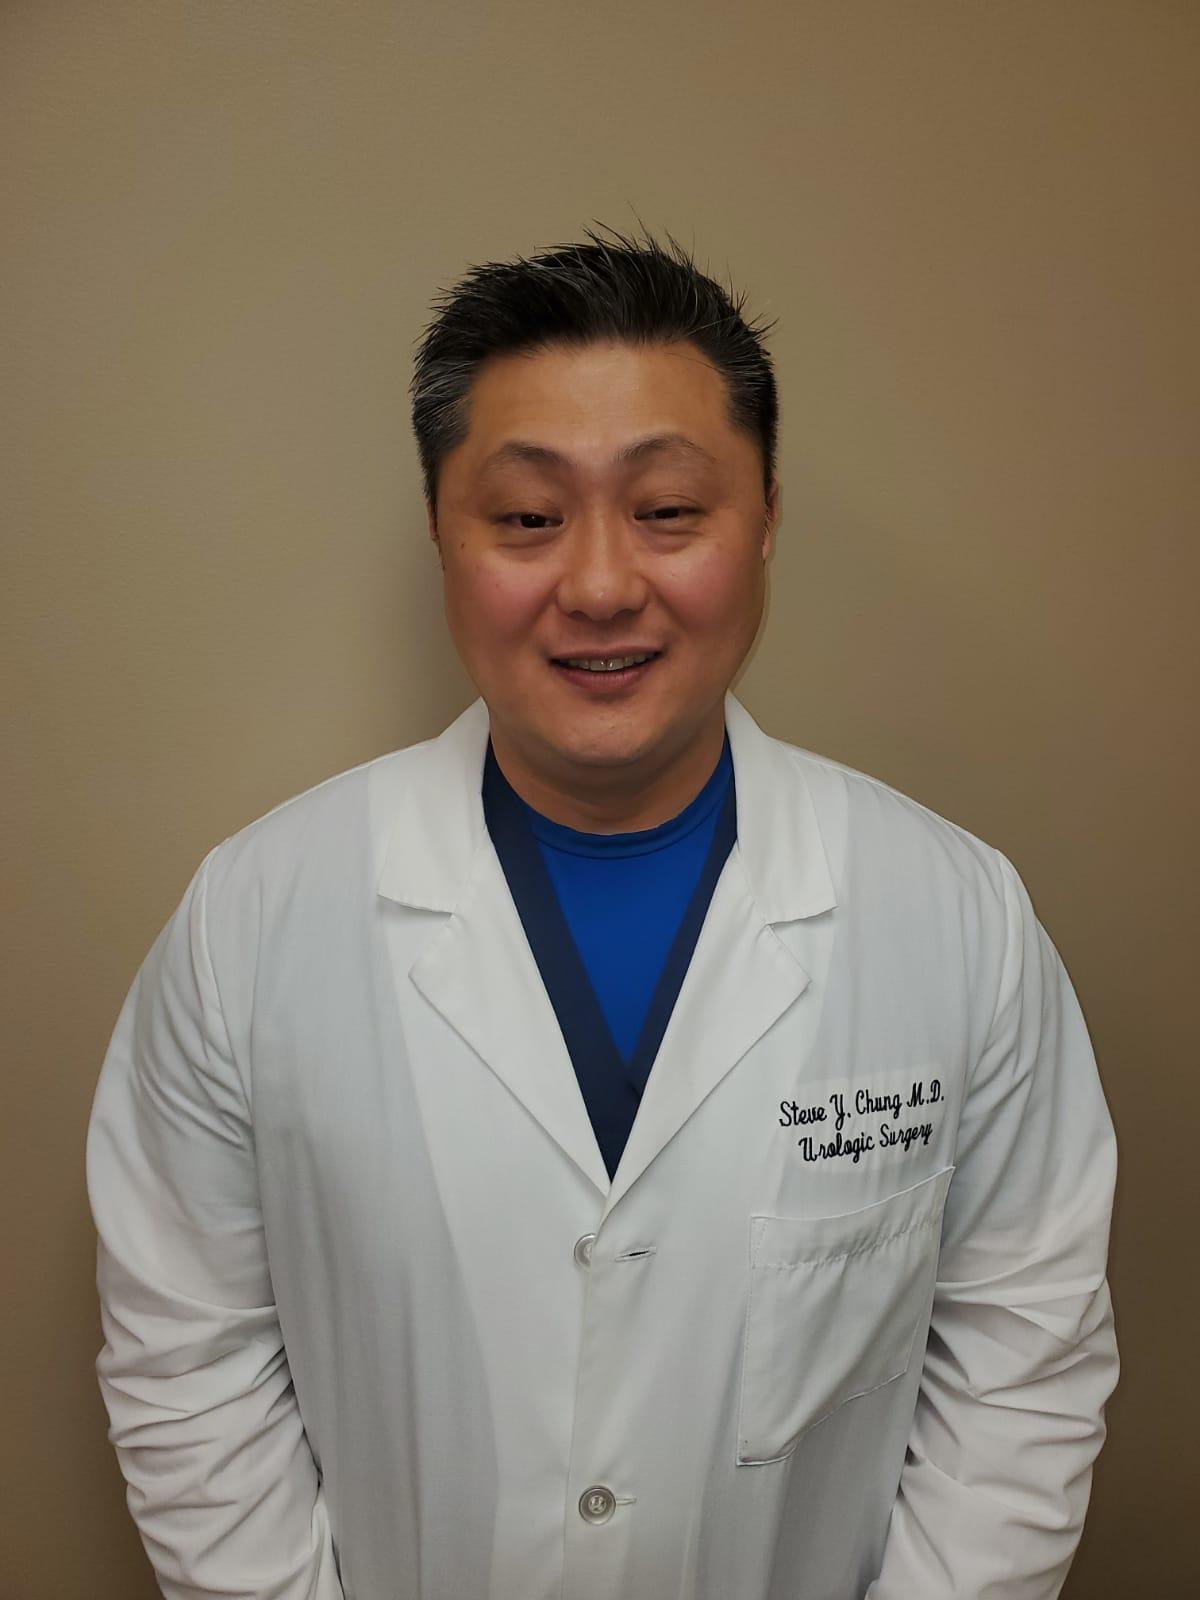 Steve Y. Chung